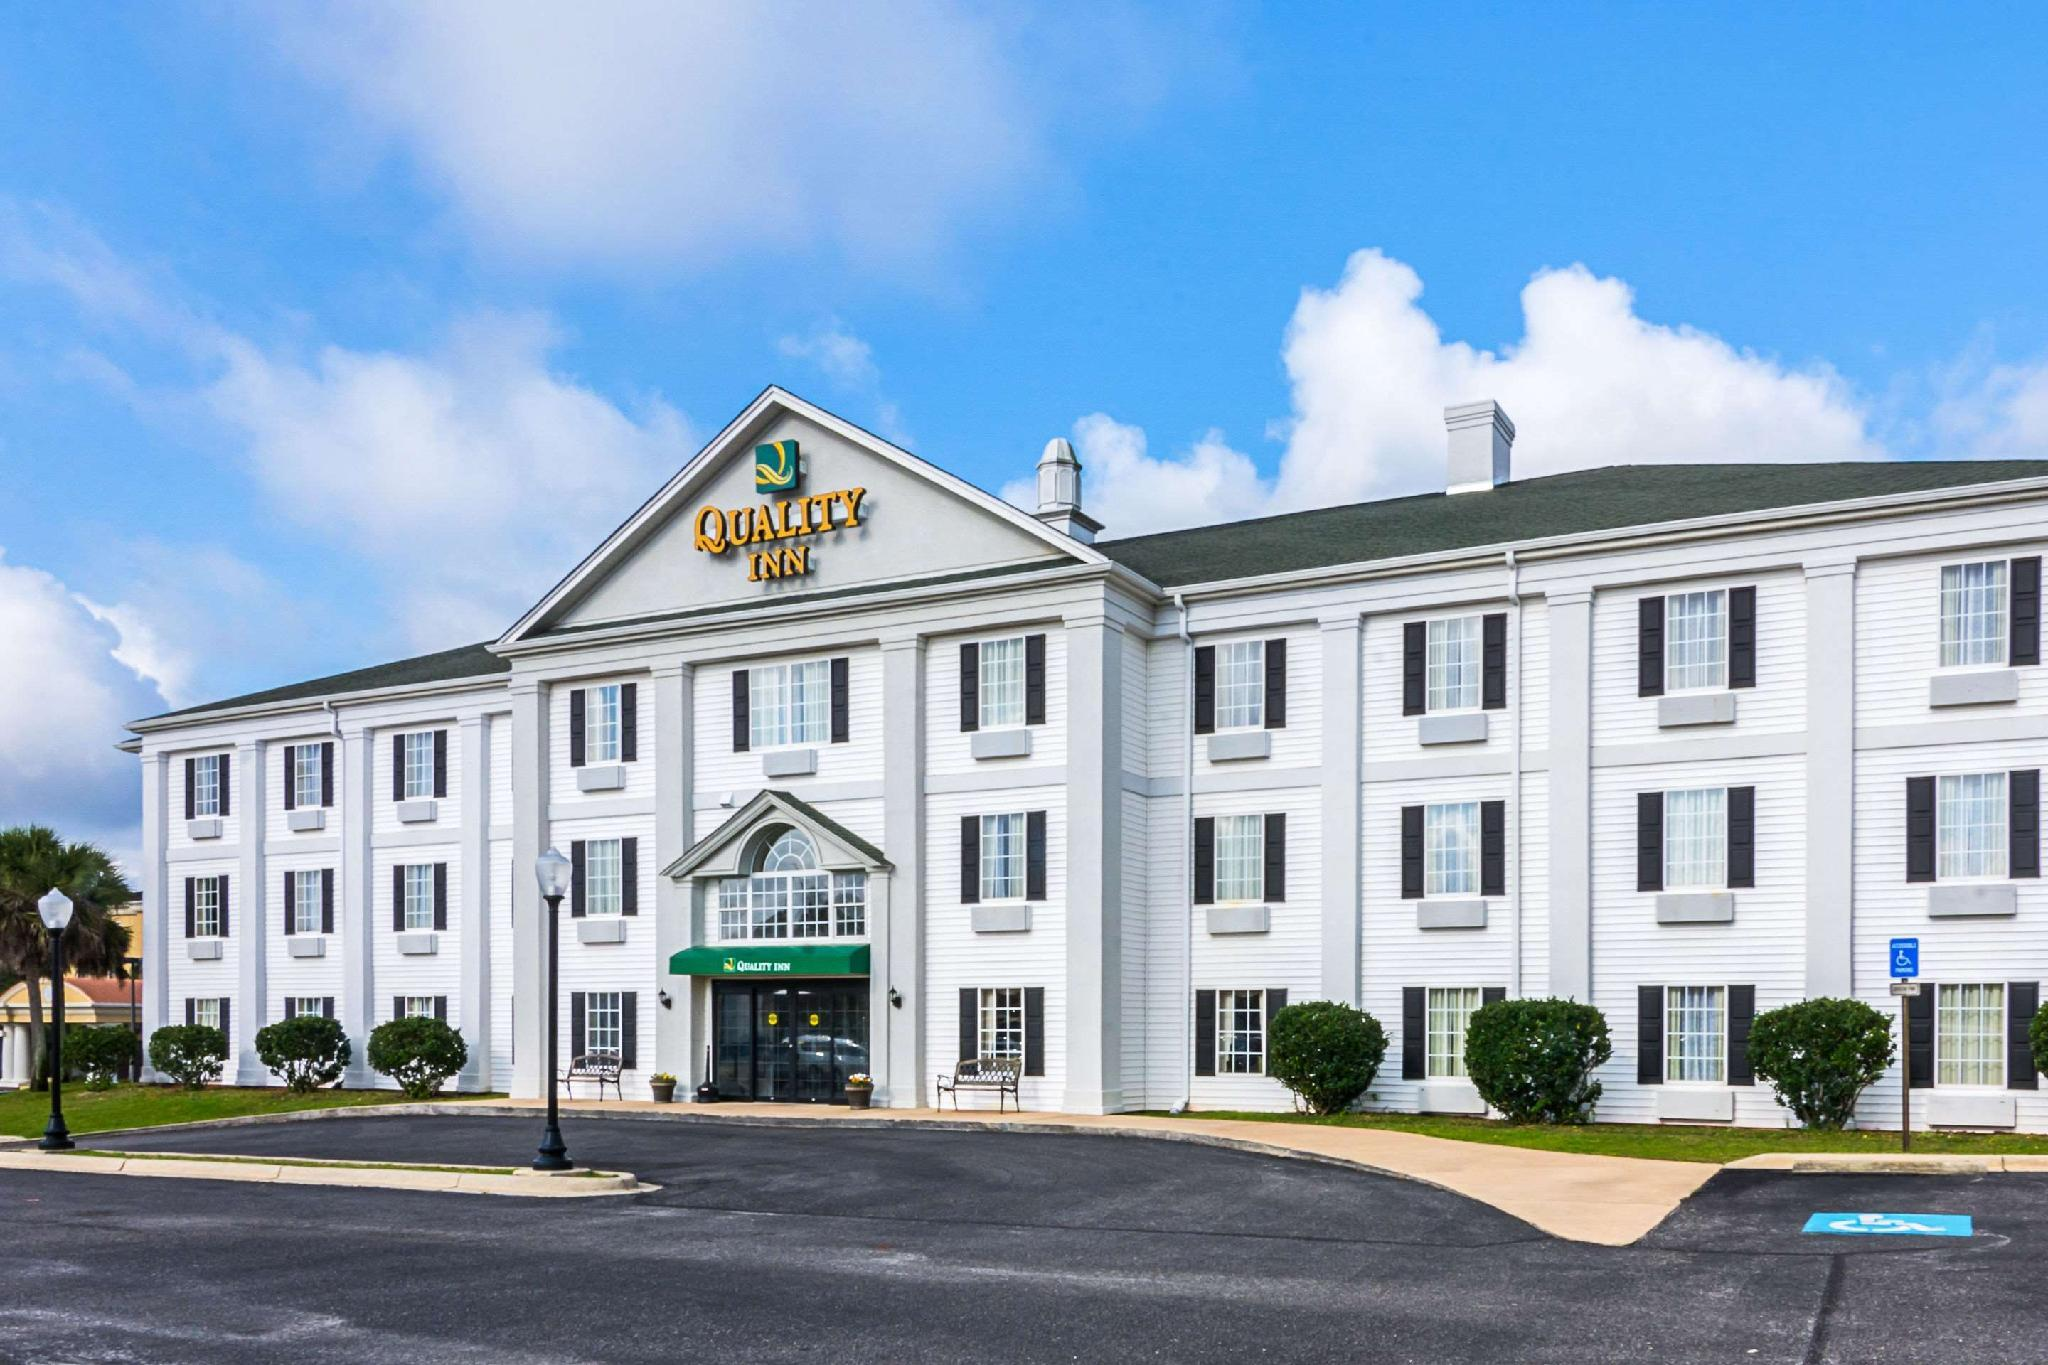 Quality Inn Crestview